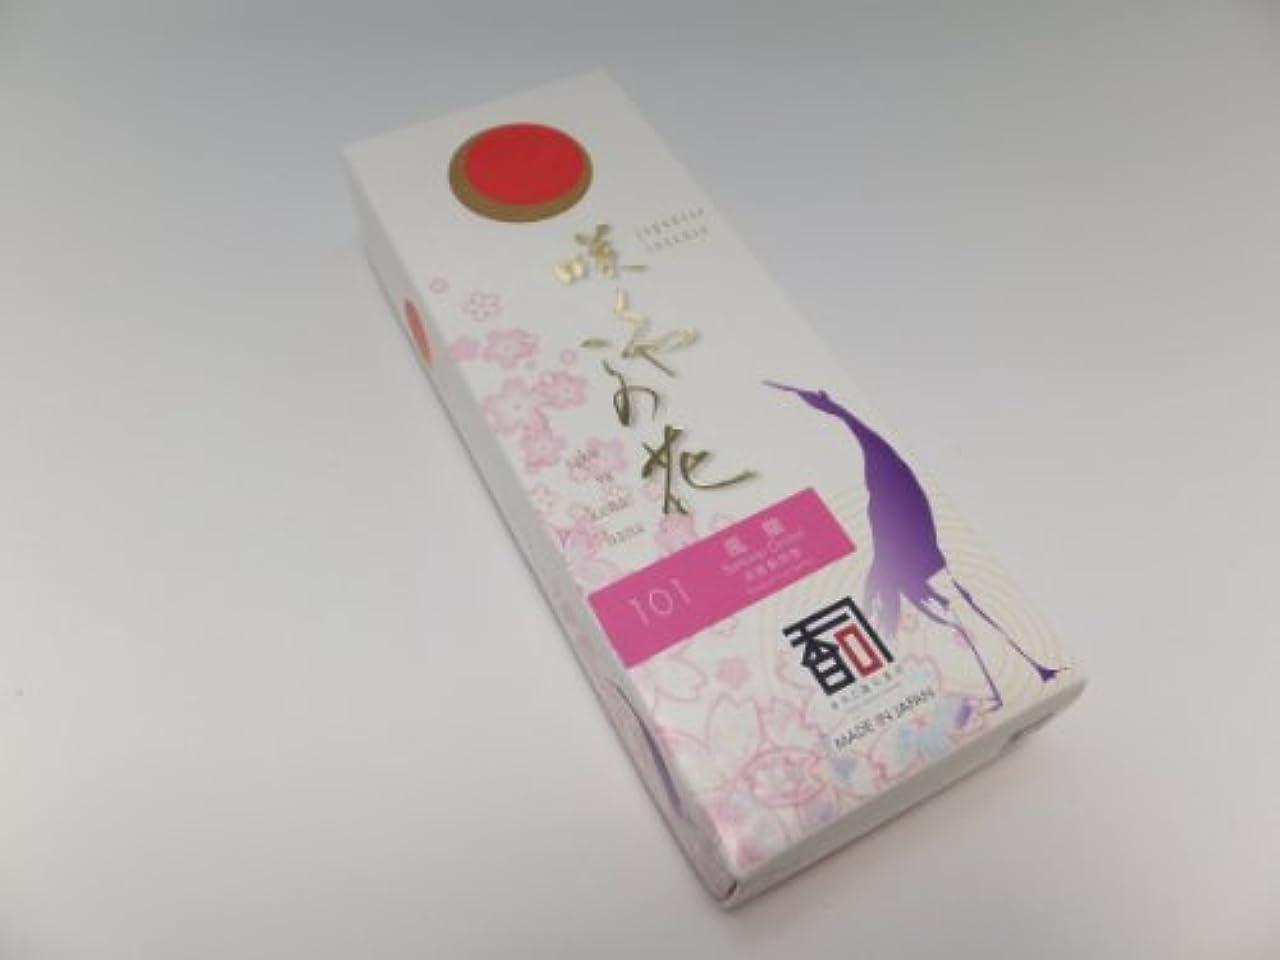 つぶやき慢性的カウンタ「あわじ島の香司」 日本の香りシリーズ  [咲くや この花] 【101】 風蘭 (煙少)